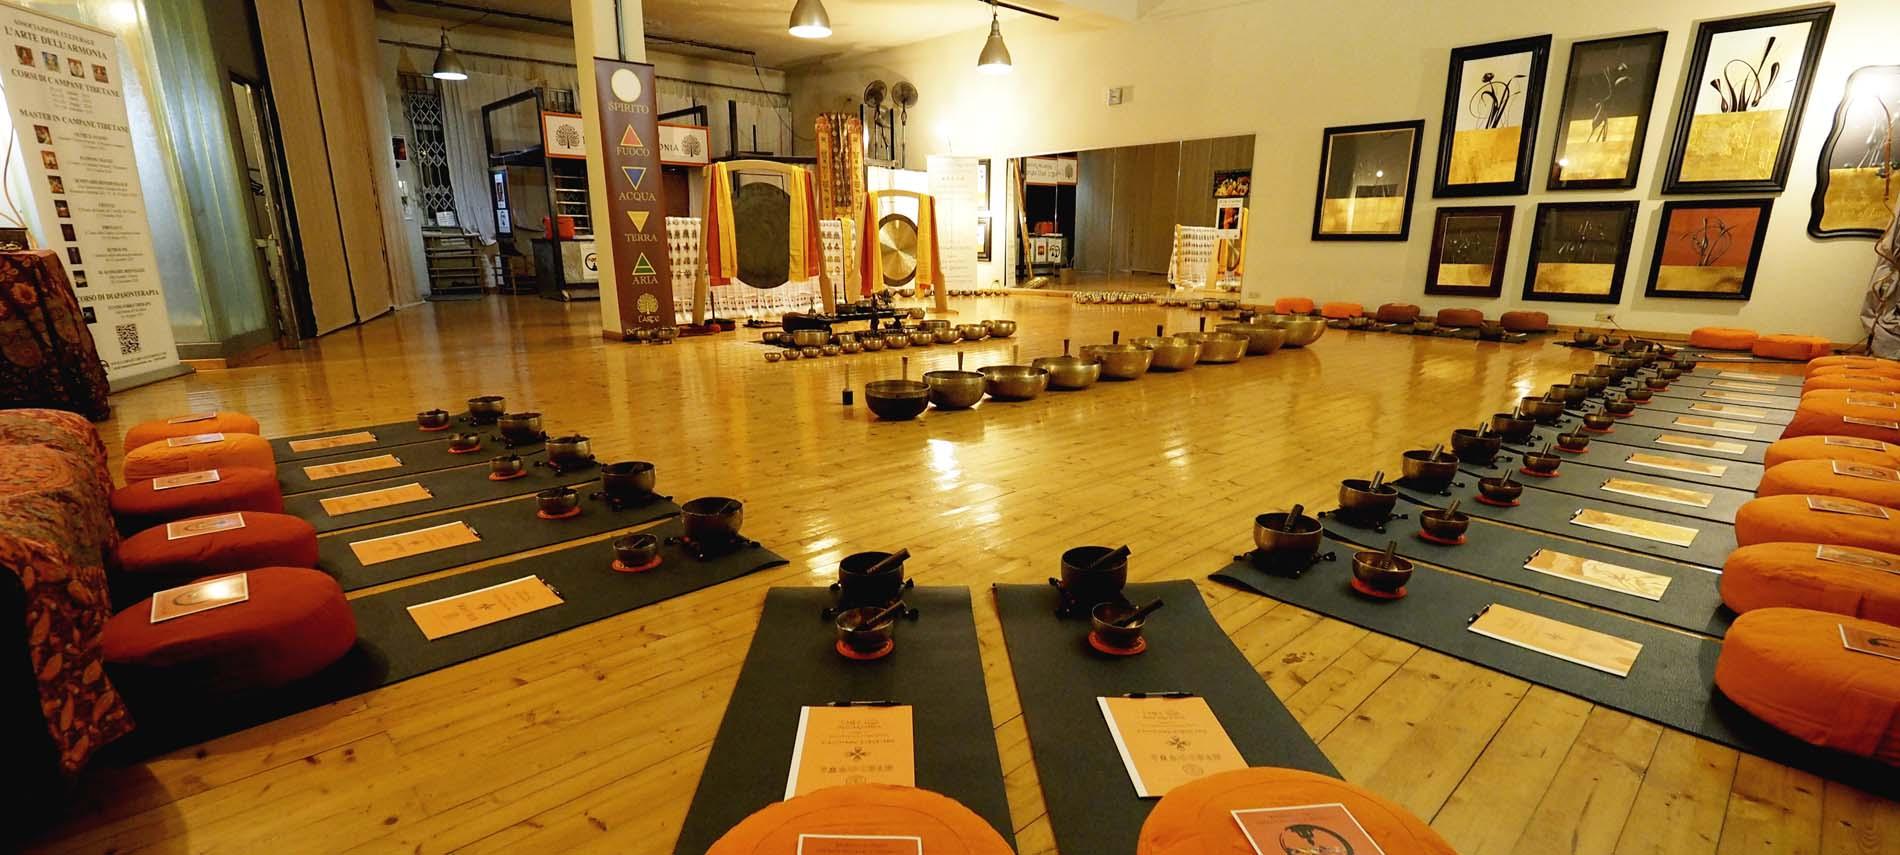 Campane Tibetane Torino Sala Corsi e Master di Campane Tibetane